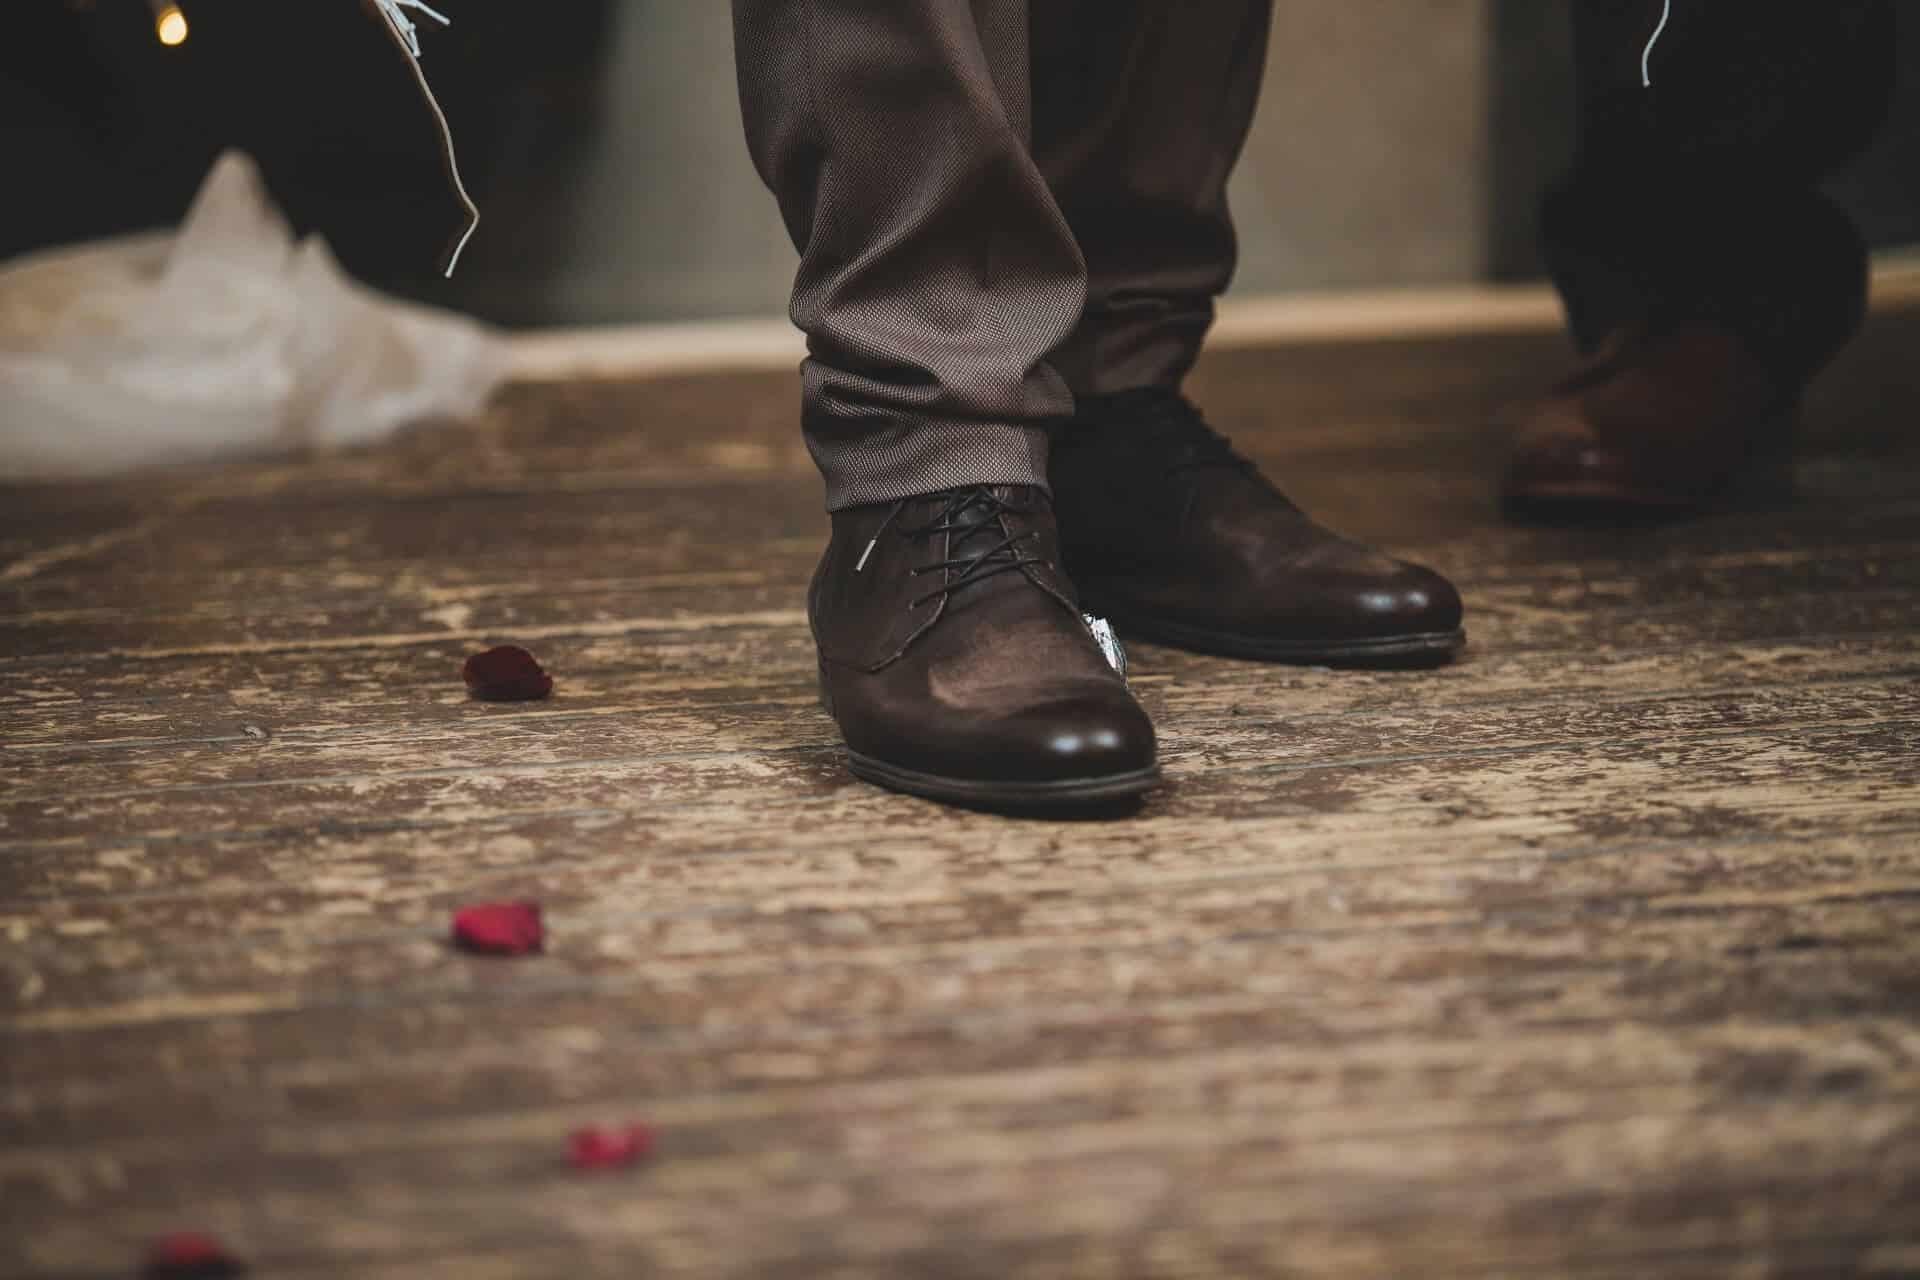 טקס חופה בחתונה אחרת